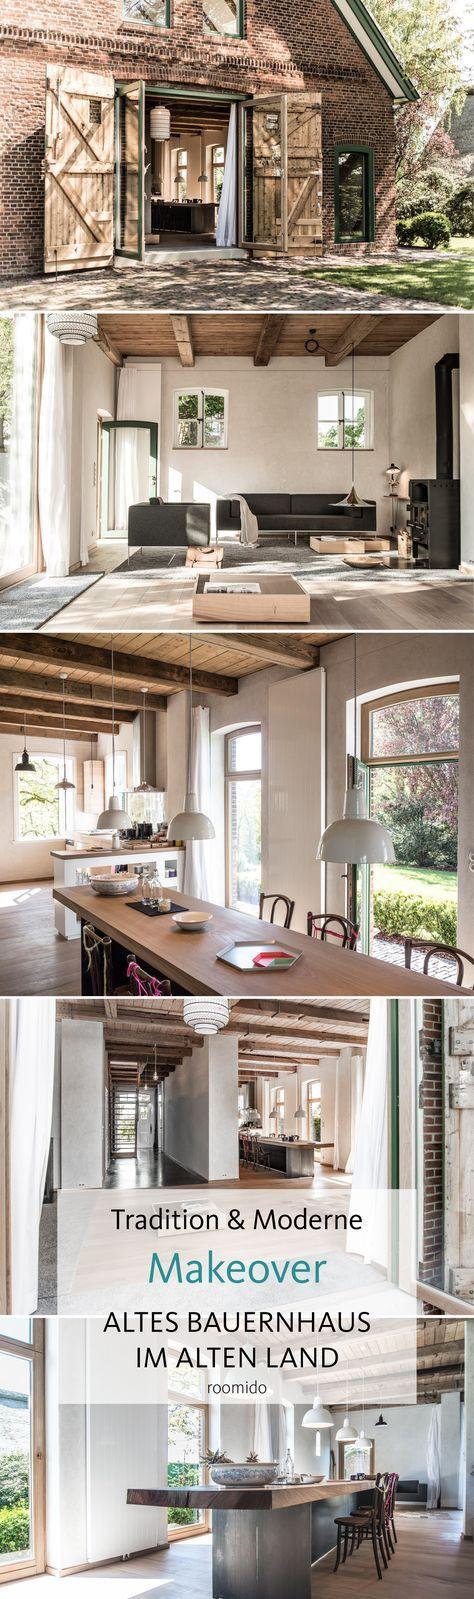 Liebevoll saniert Moderne Landhaus-Idylle bei Hamburg House - moderne landhaus wohnzimmer